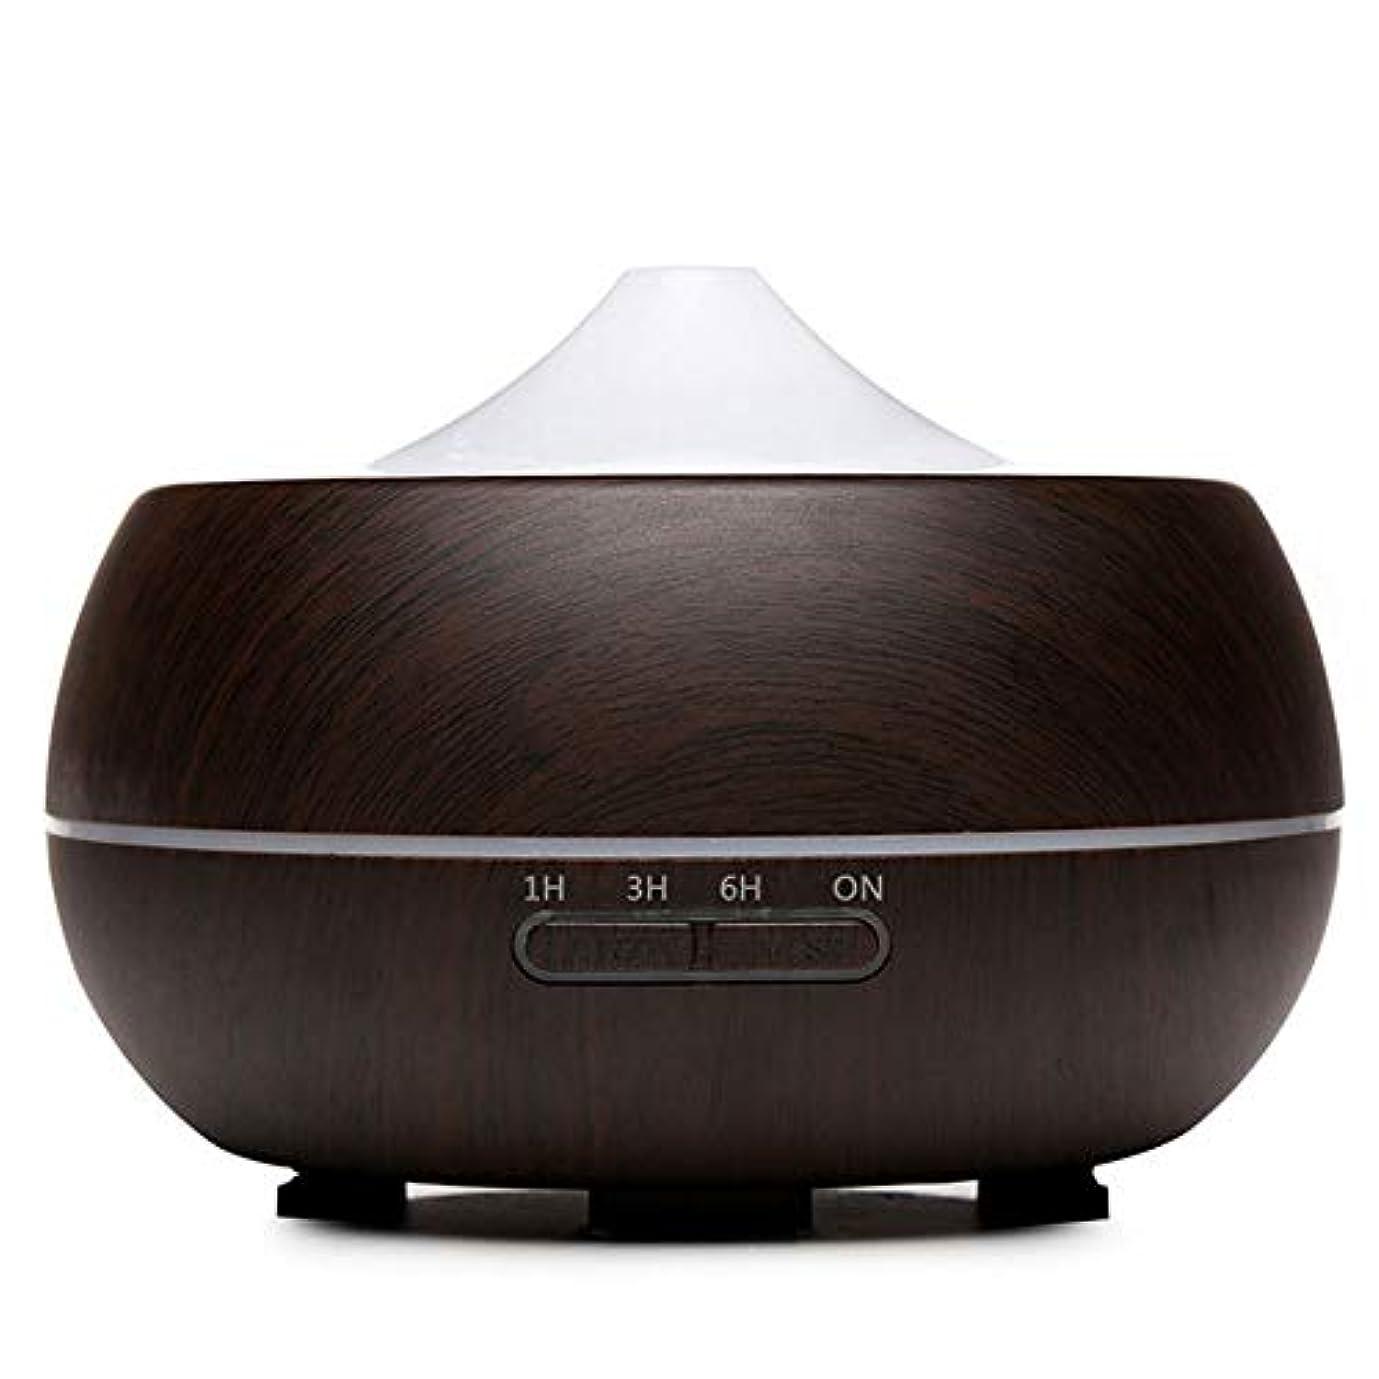 湿度アルバムデュアル300 ml アロマテラピー エッセンシャル オイル ディフューザー, 超音波 涼しい霧 humidmifier アロマディフューザー タイマー付き 7色変換 夜のライト 空焚き防止機能搭載-ブラック 17x12cm